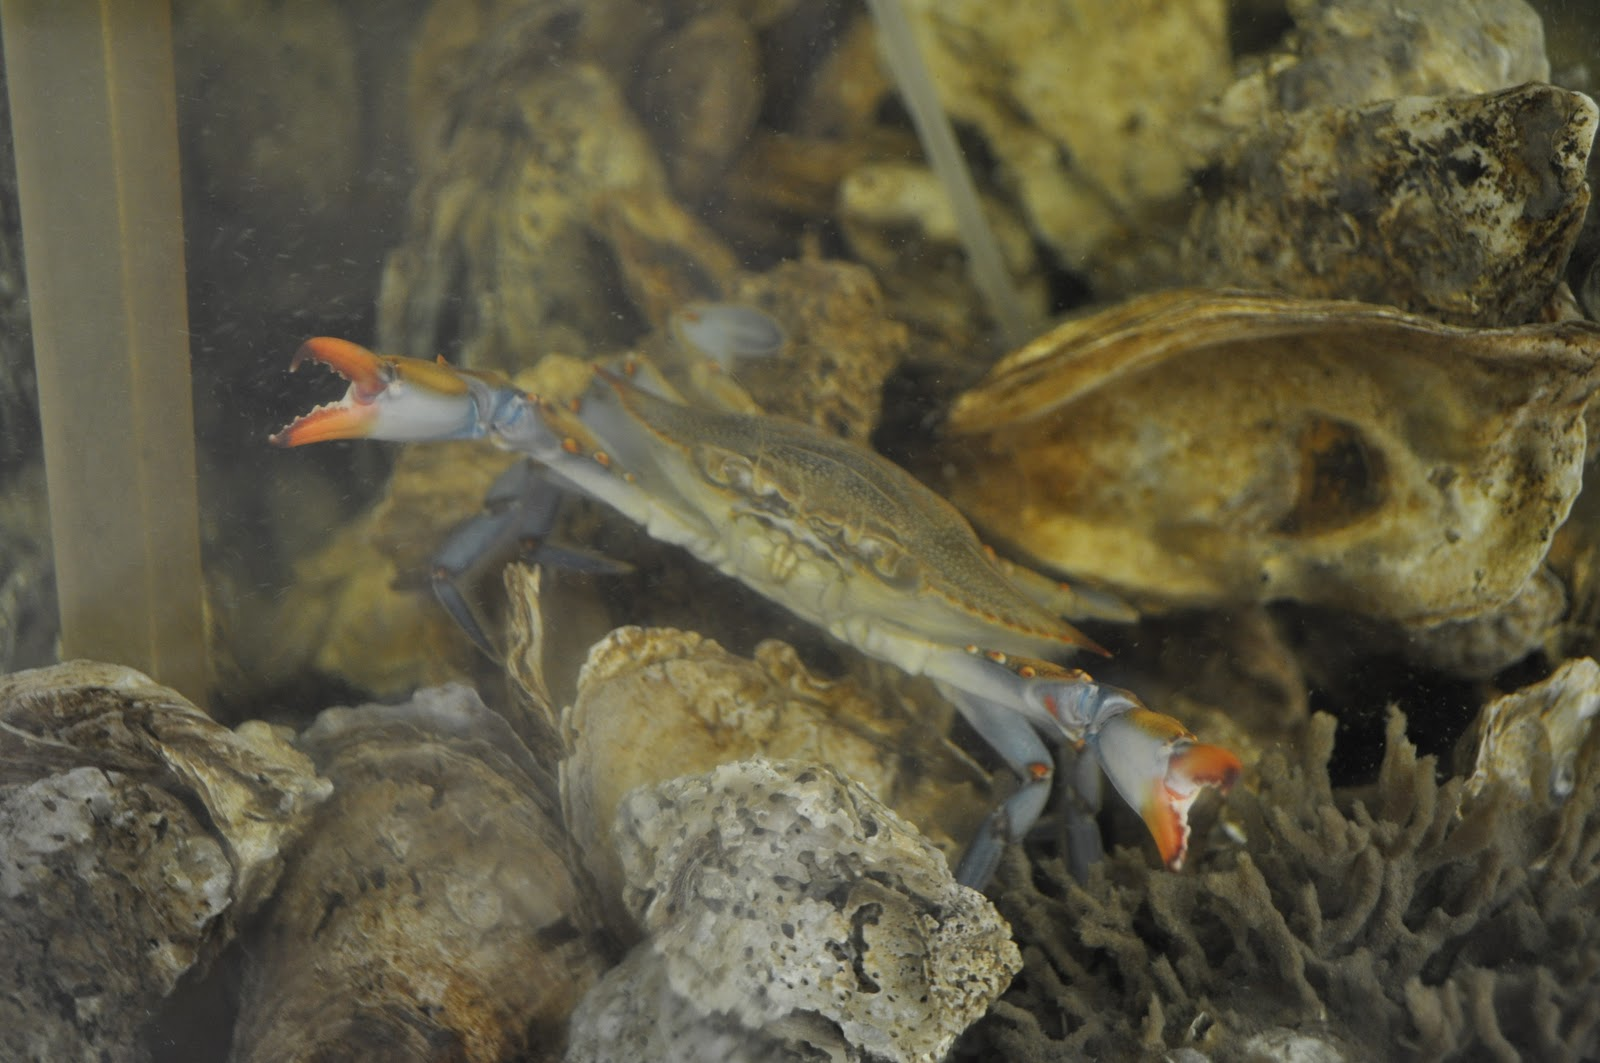 Underwater oyster reef - photo#20